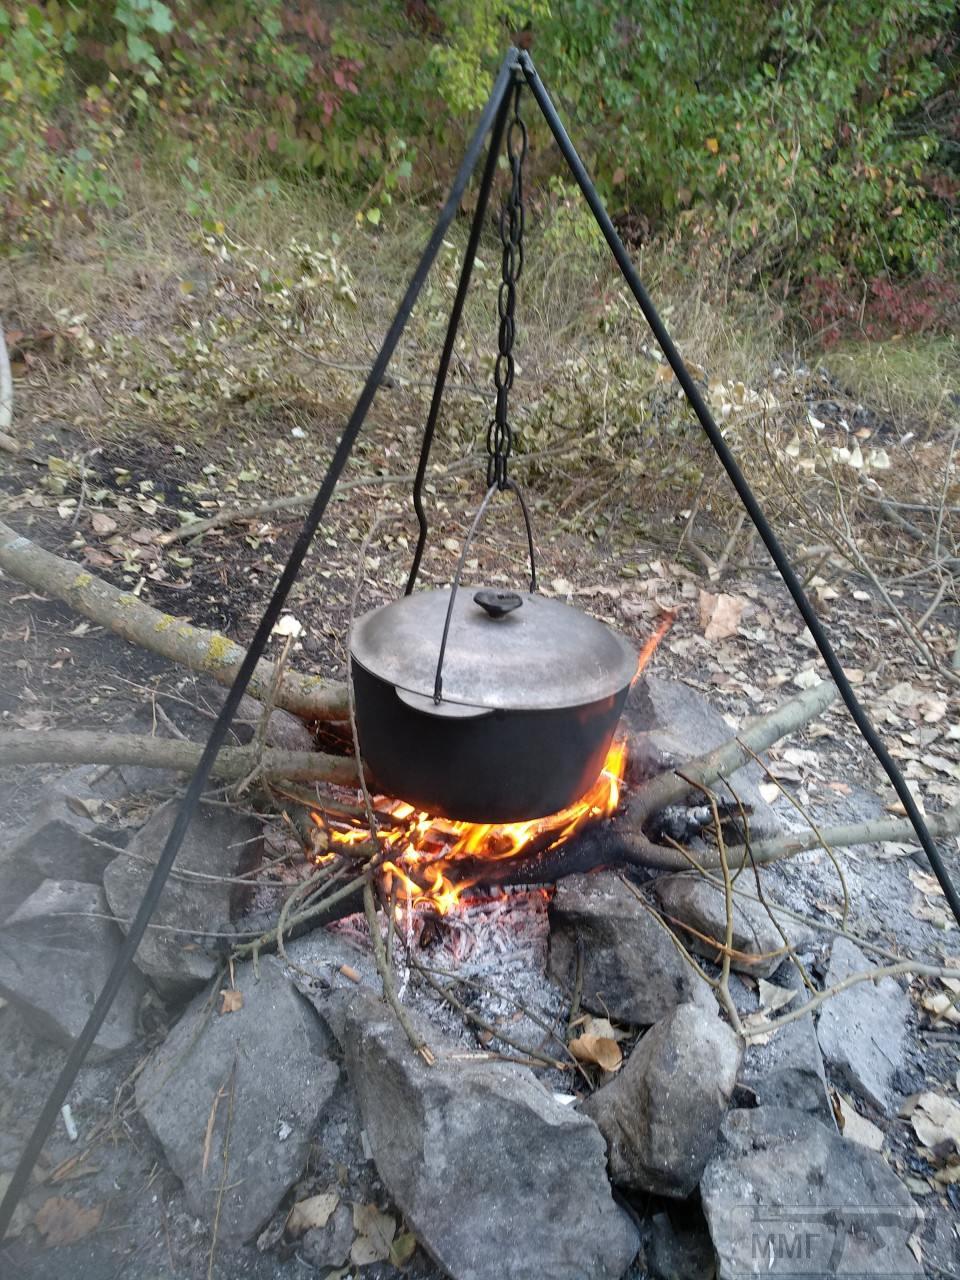 74274 - Закуски на огне (мангал, барбекю и т.д.) и кулинария вообще. Советы и рецепты.